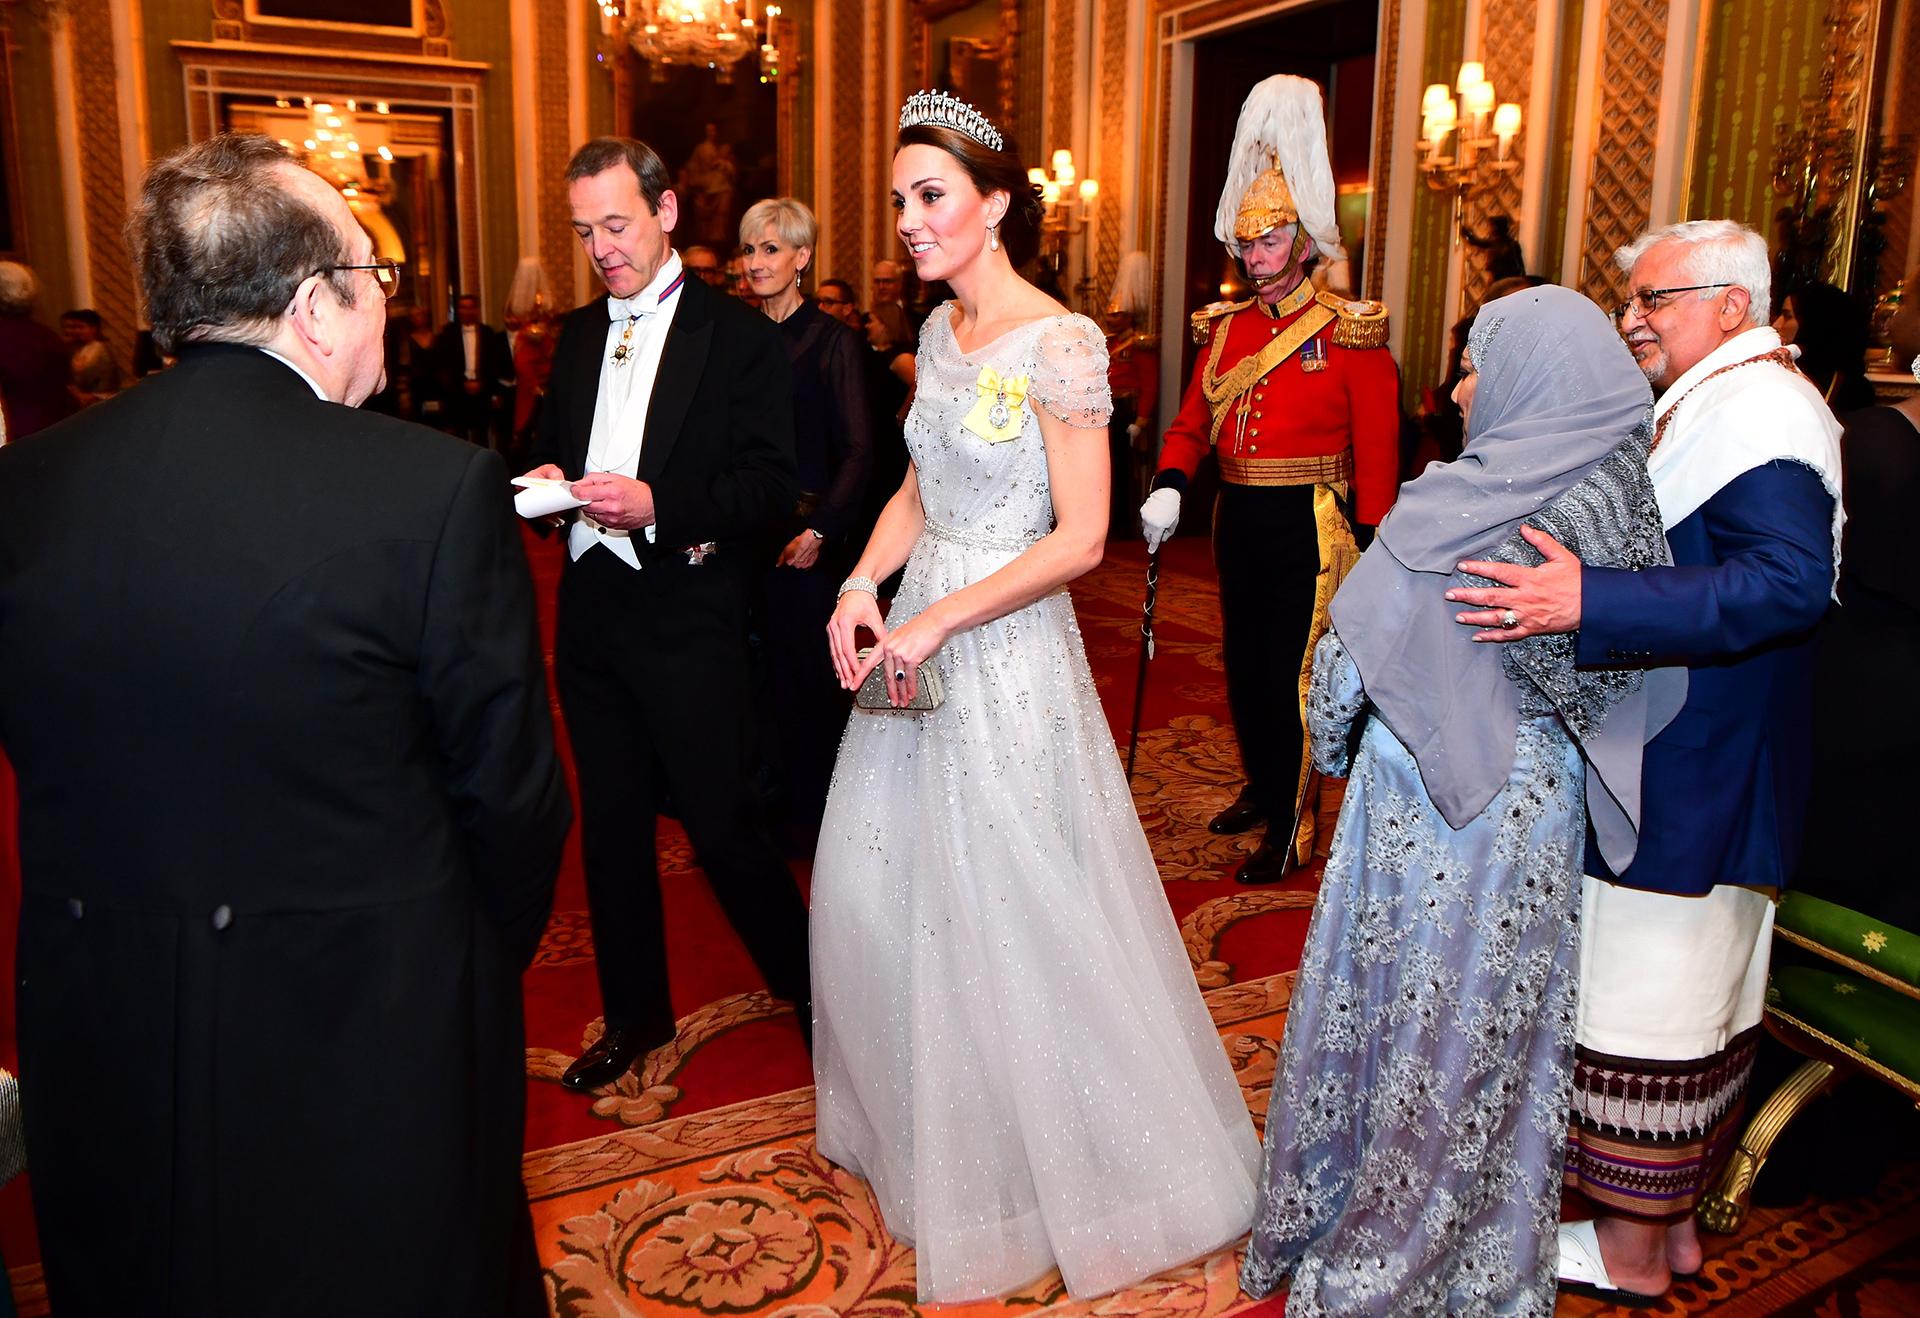 Catalina eligió un vestido de características similares al de la abuela de su marido pero adaptado a su estilo